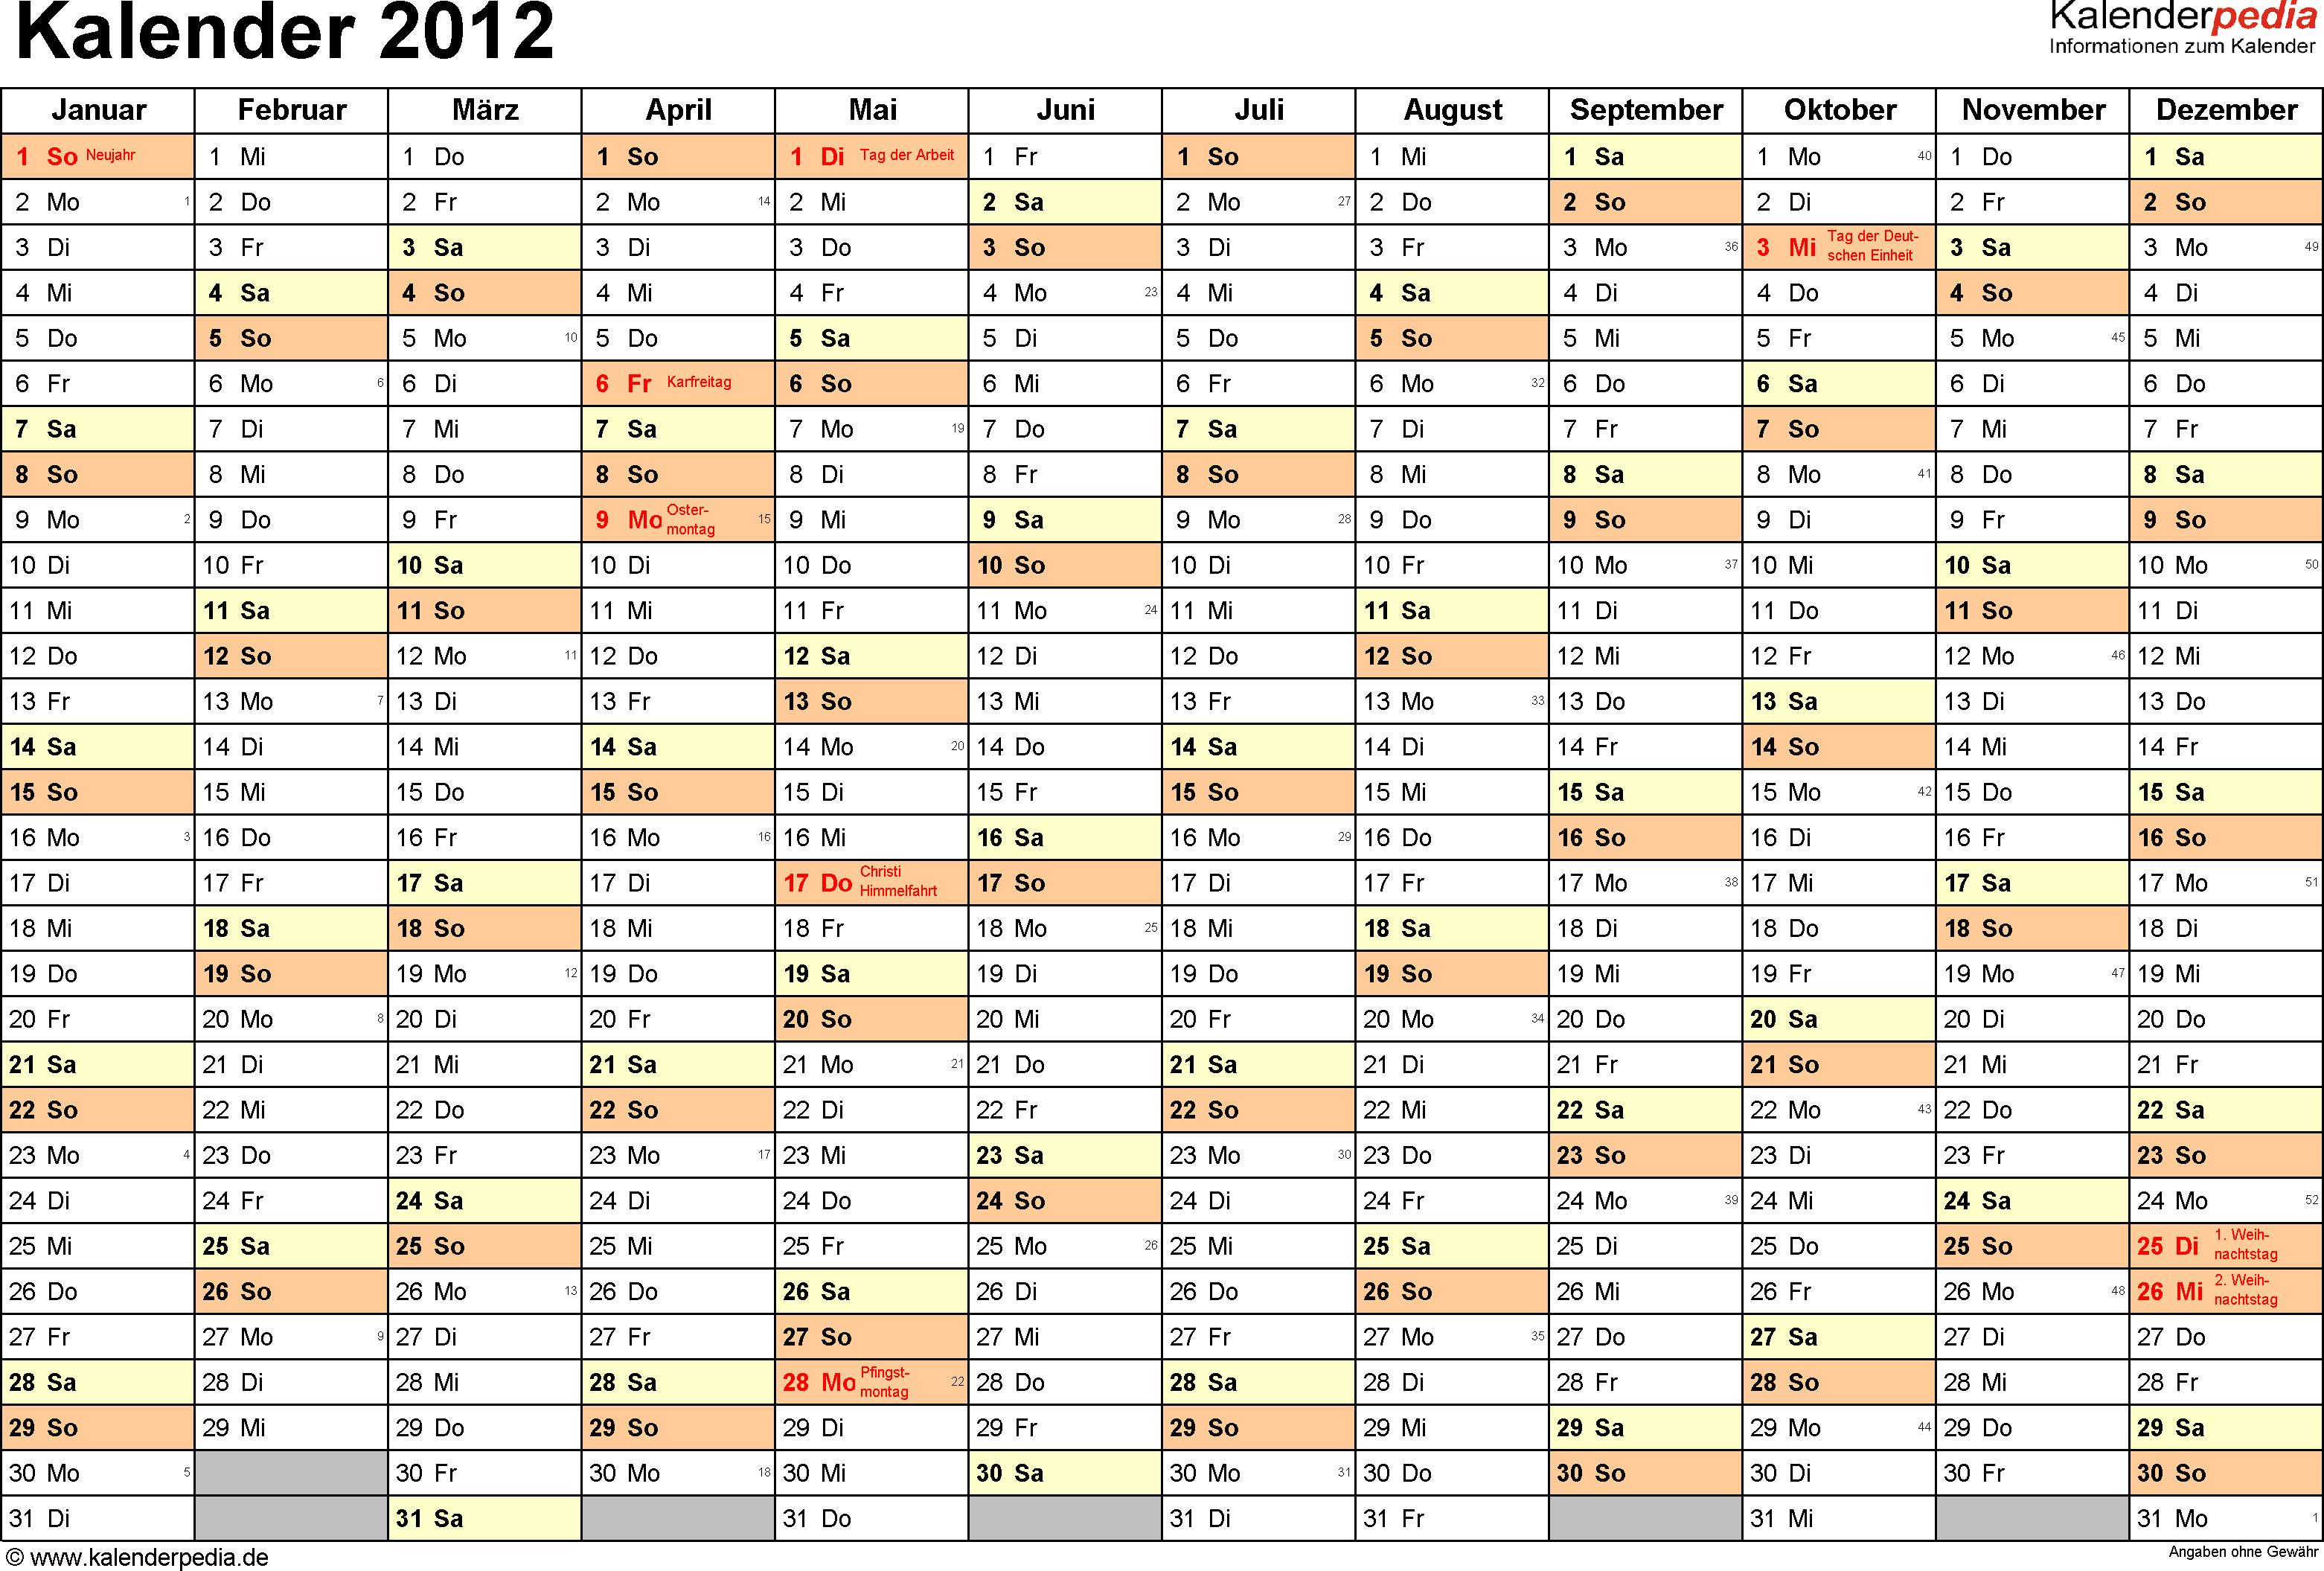 Vorlage 1: Jahreskalender 2012 als Excel-Vorlage, Querformat, DIN A4, 1 Seite, Monate nebeneinander, Tage untereinander, mit Feiertagen (ganz Deutschland) und Kalenderwochen 2012, geeignet für alle Excel-Versionen